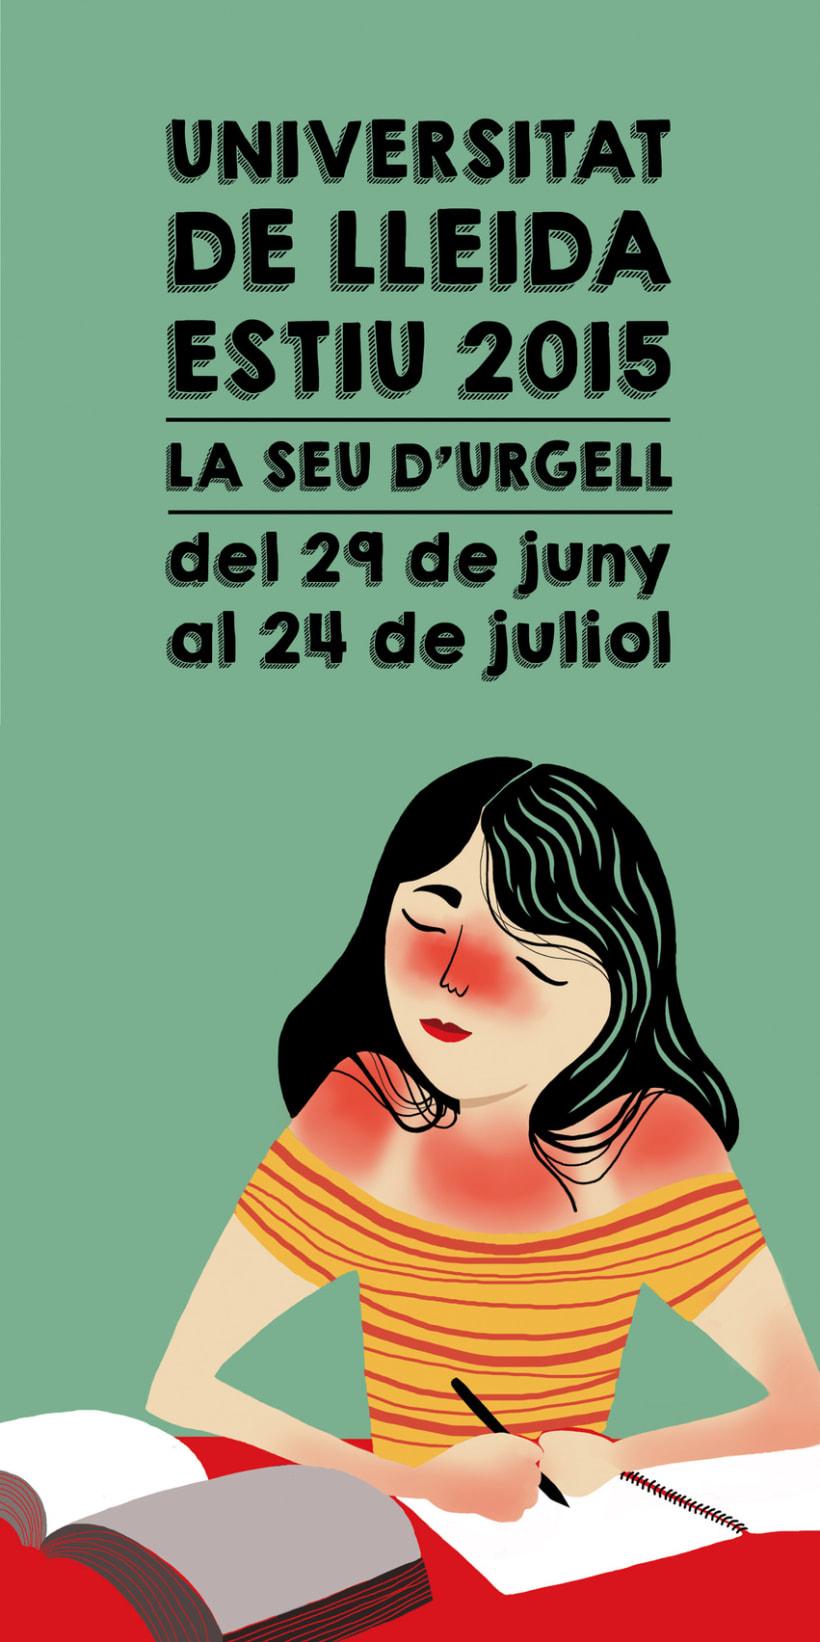 Propuesta de cartel para cursos de verano, Universidad de Lleida 0